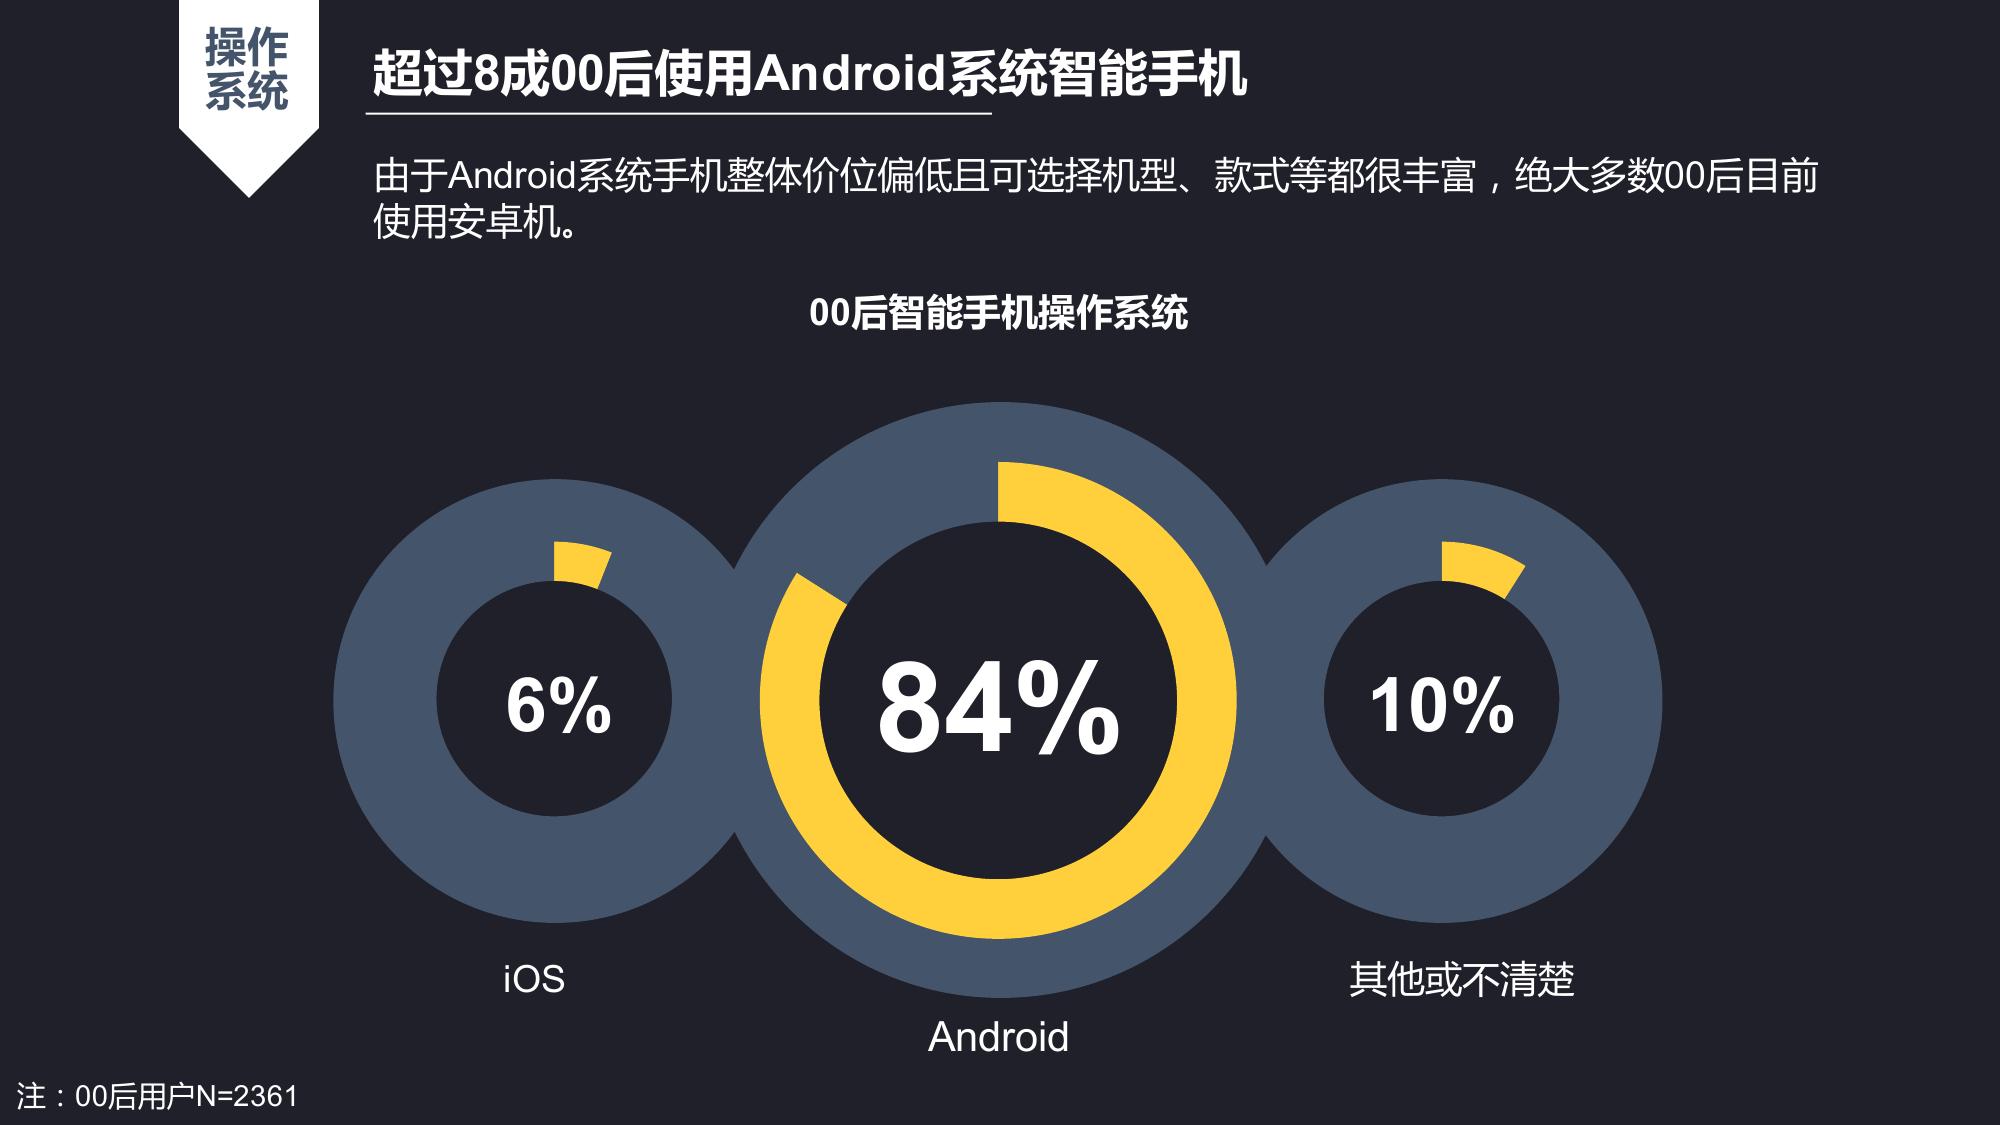 00后智能手机及APP使用习惯研究报告_000014